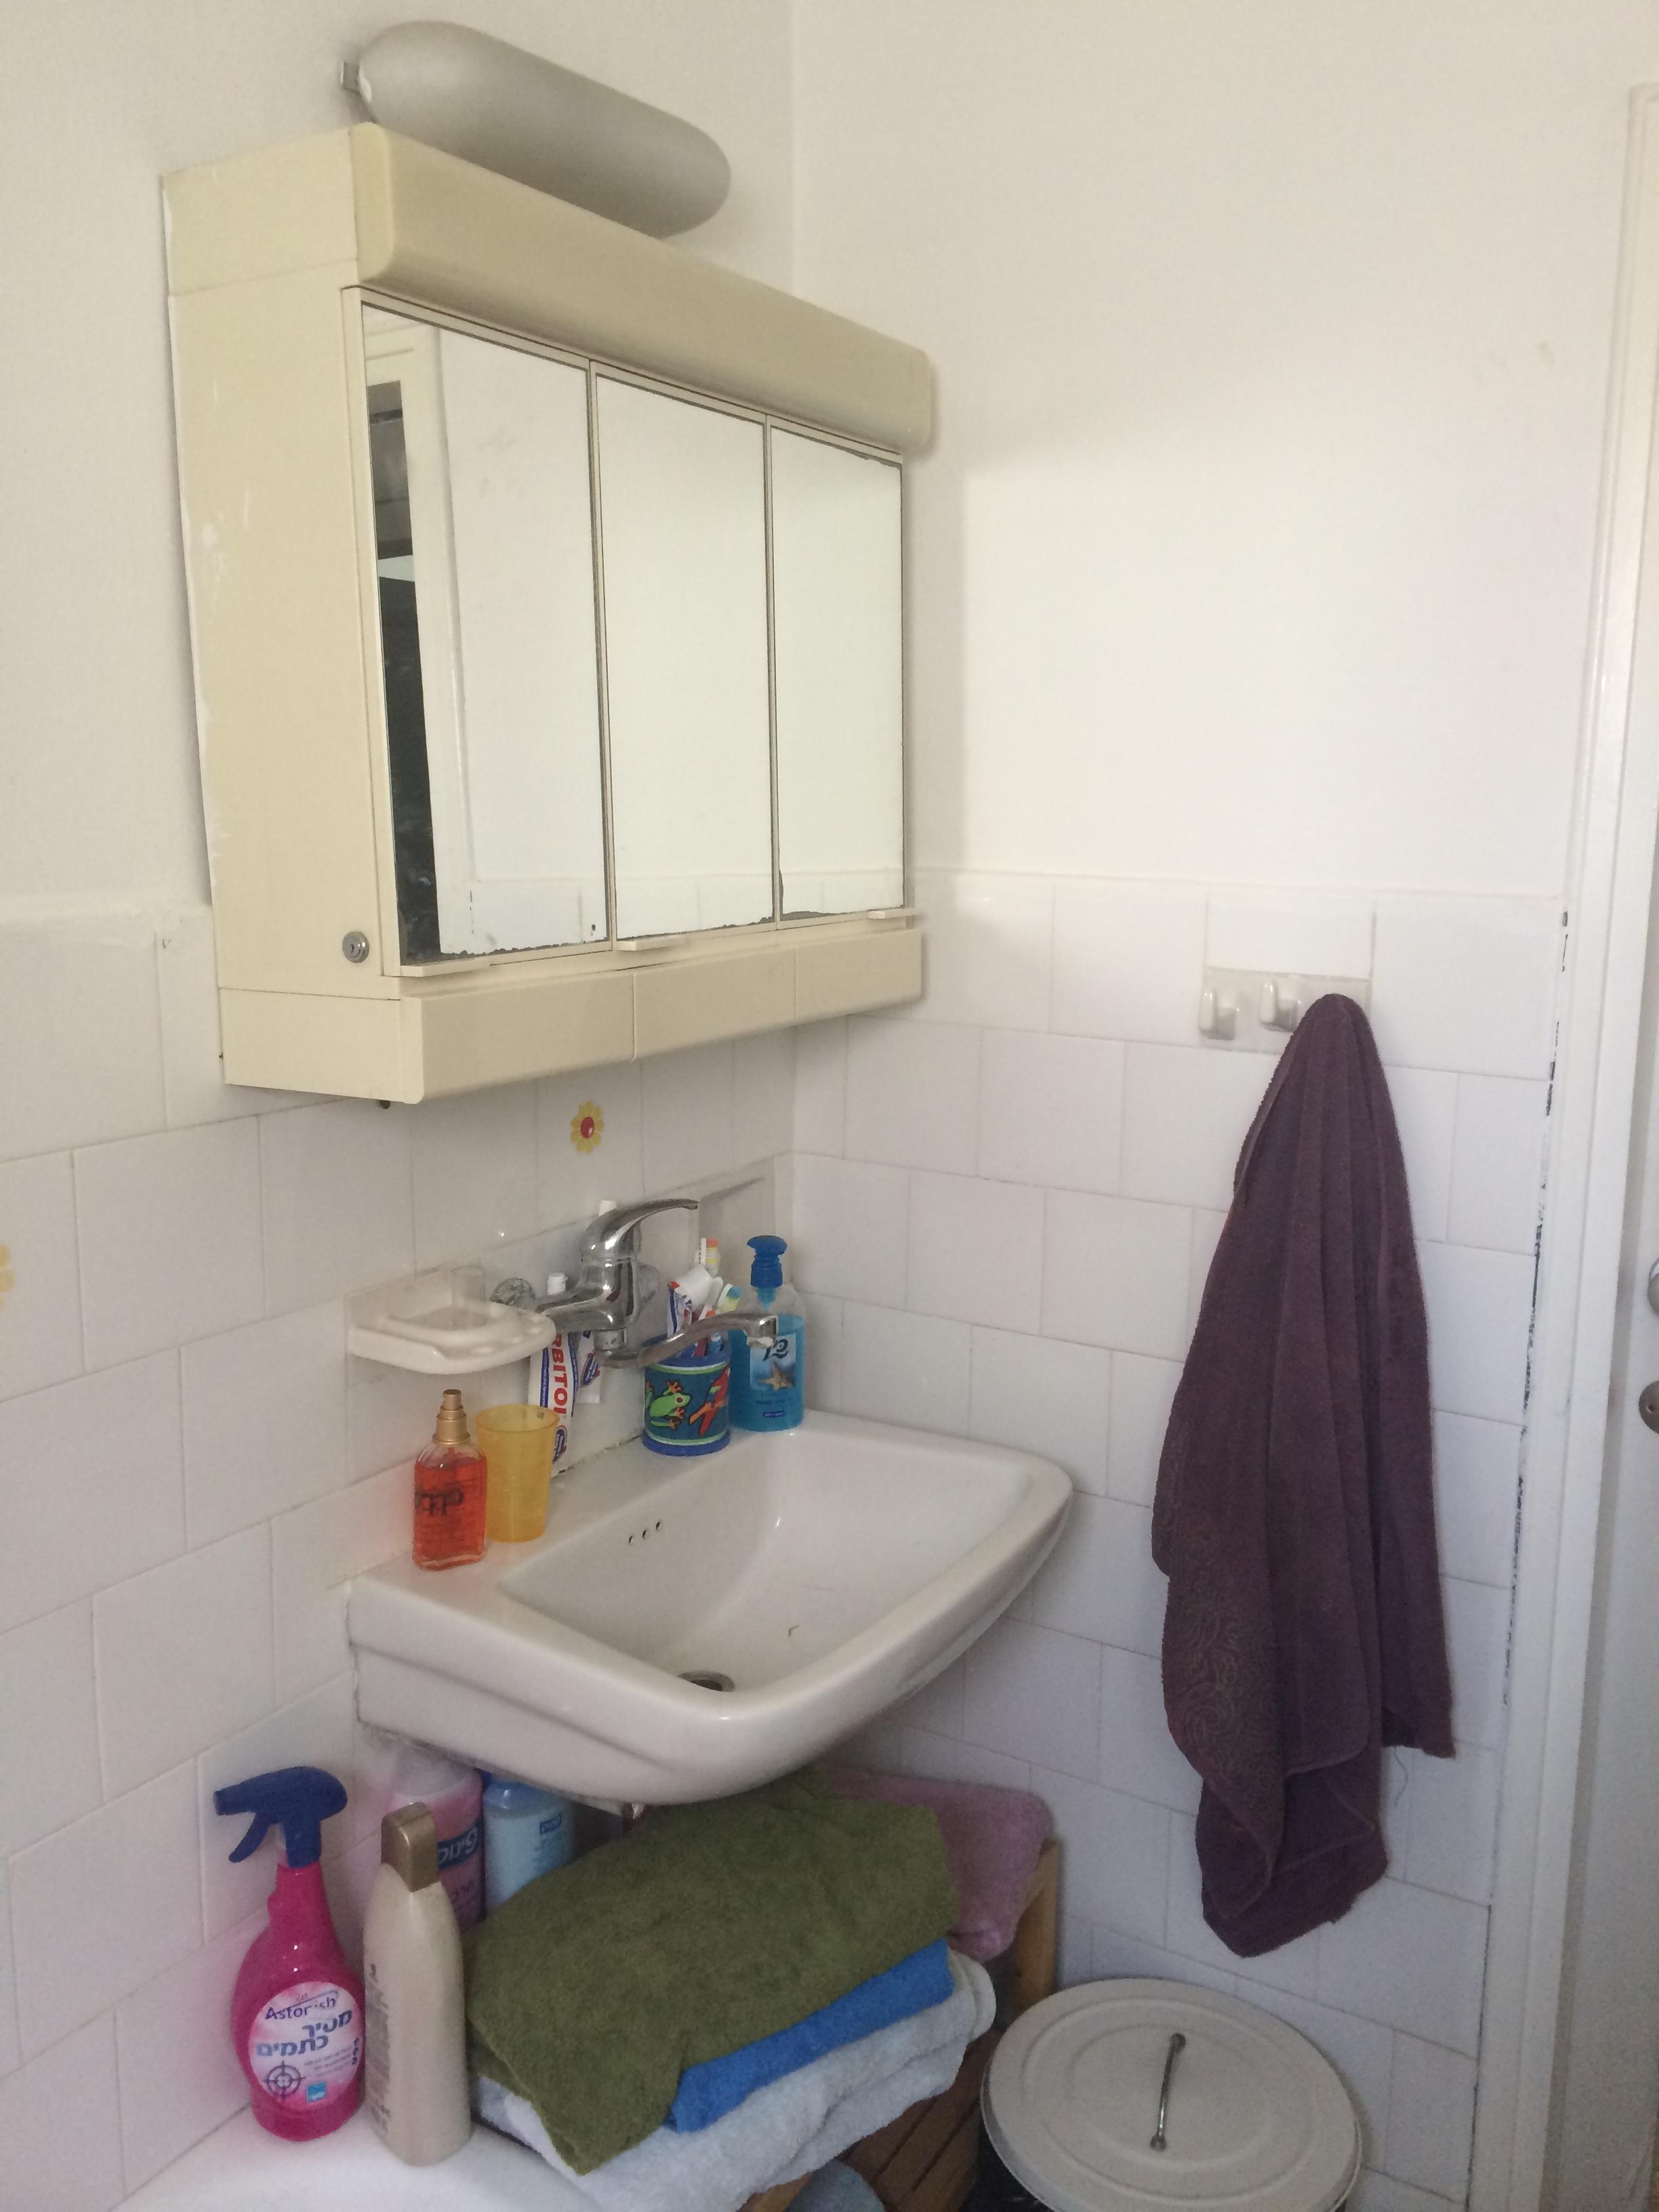 חדר האמבטיה לפני השינוי